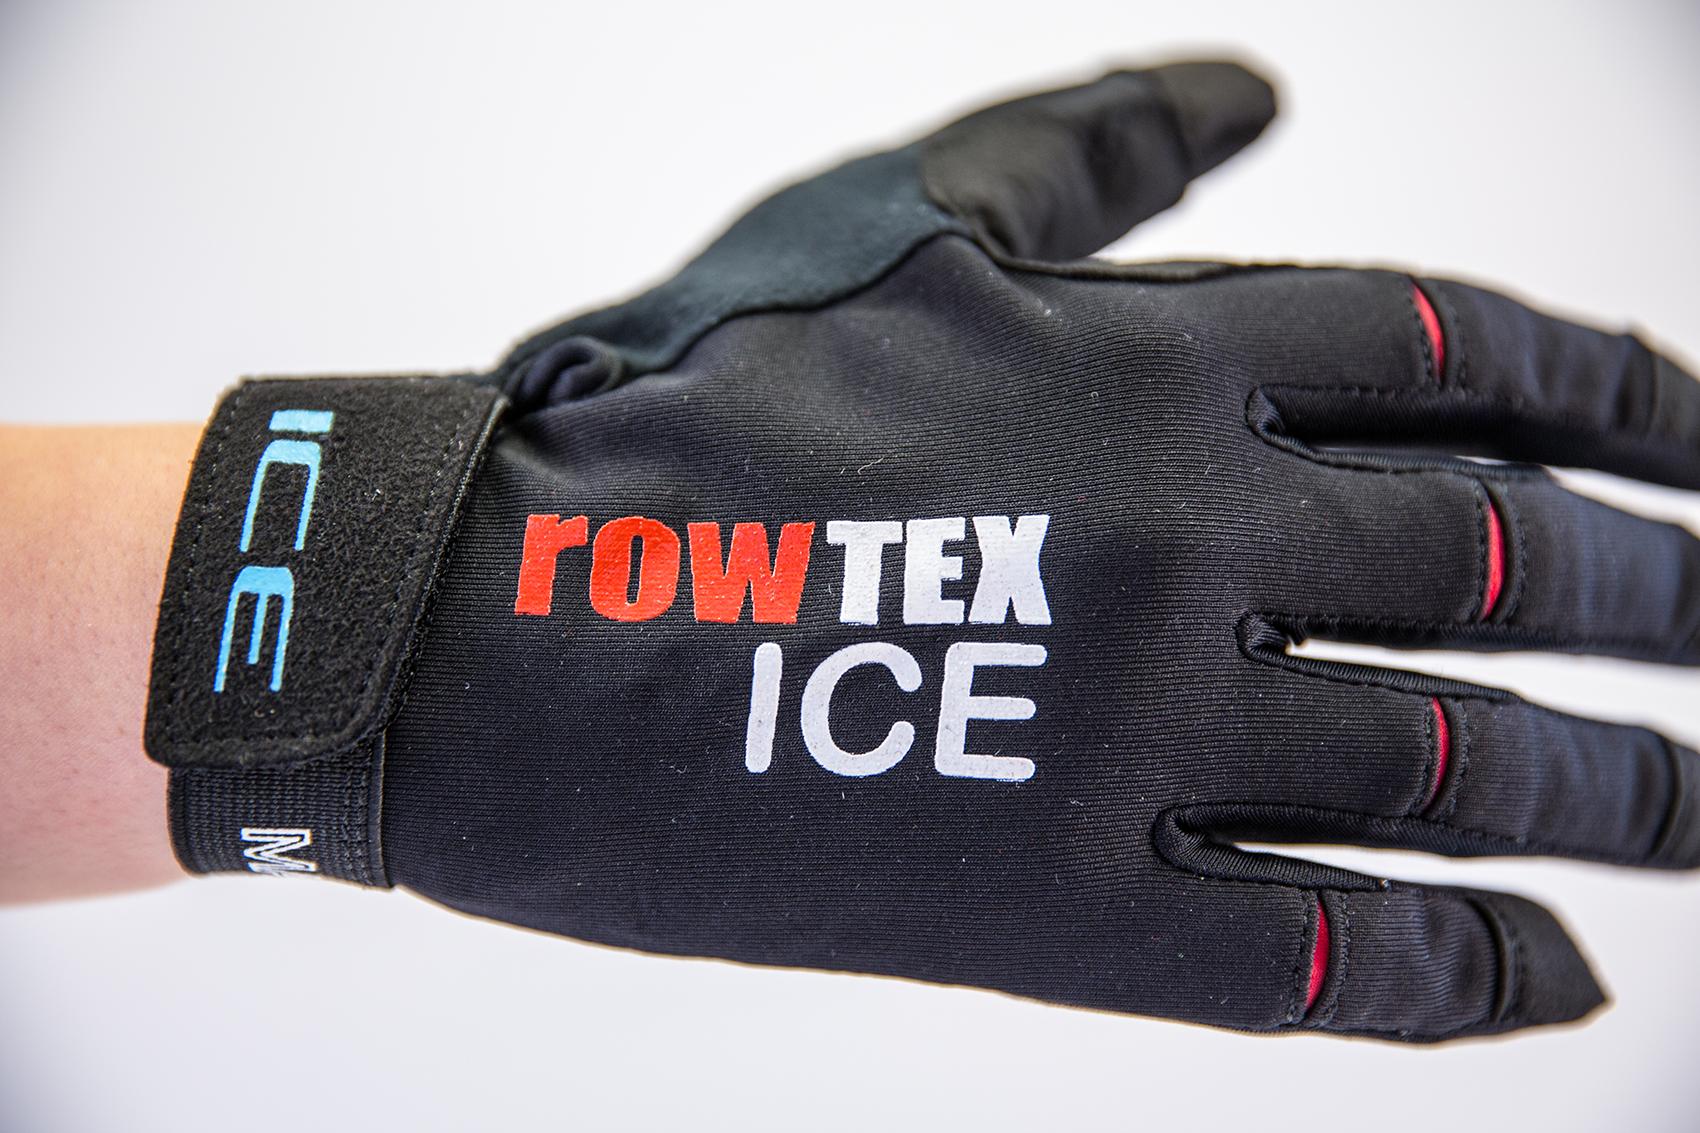 rowtex Ice, glove rowing, warm rowing glove